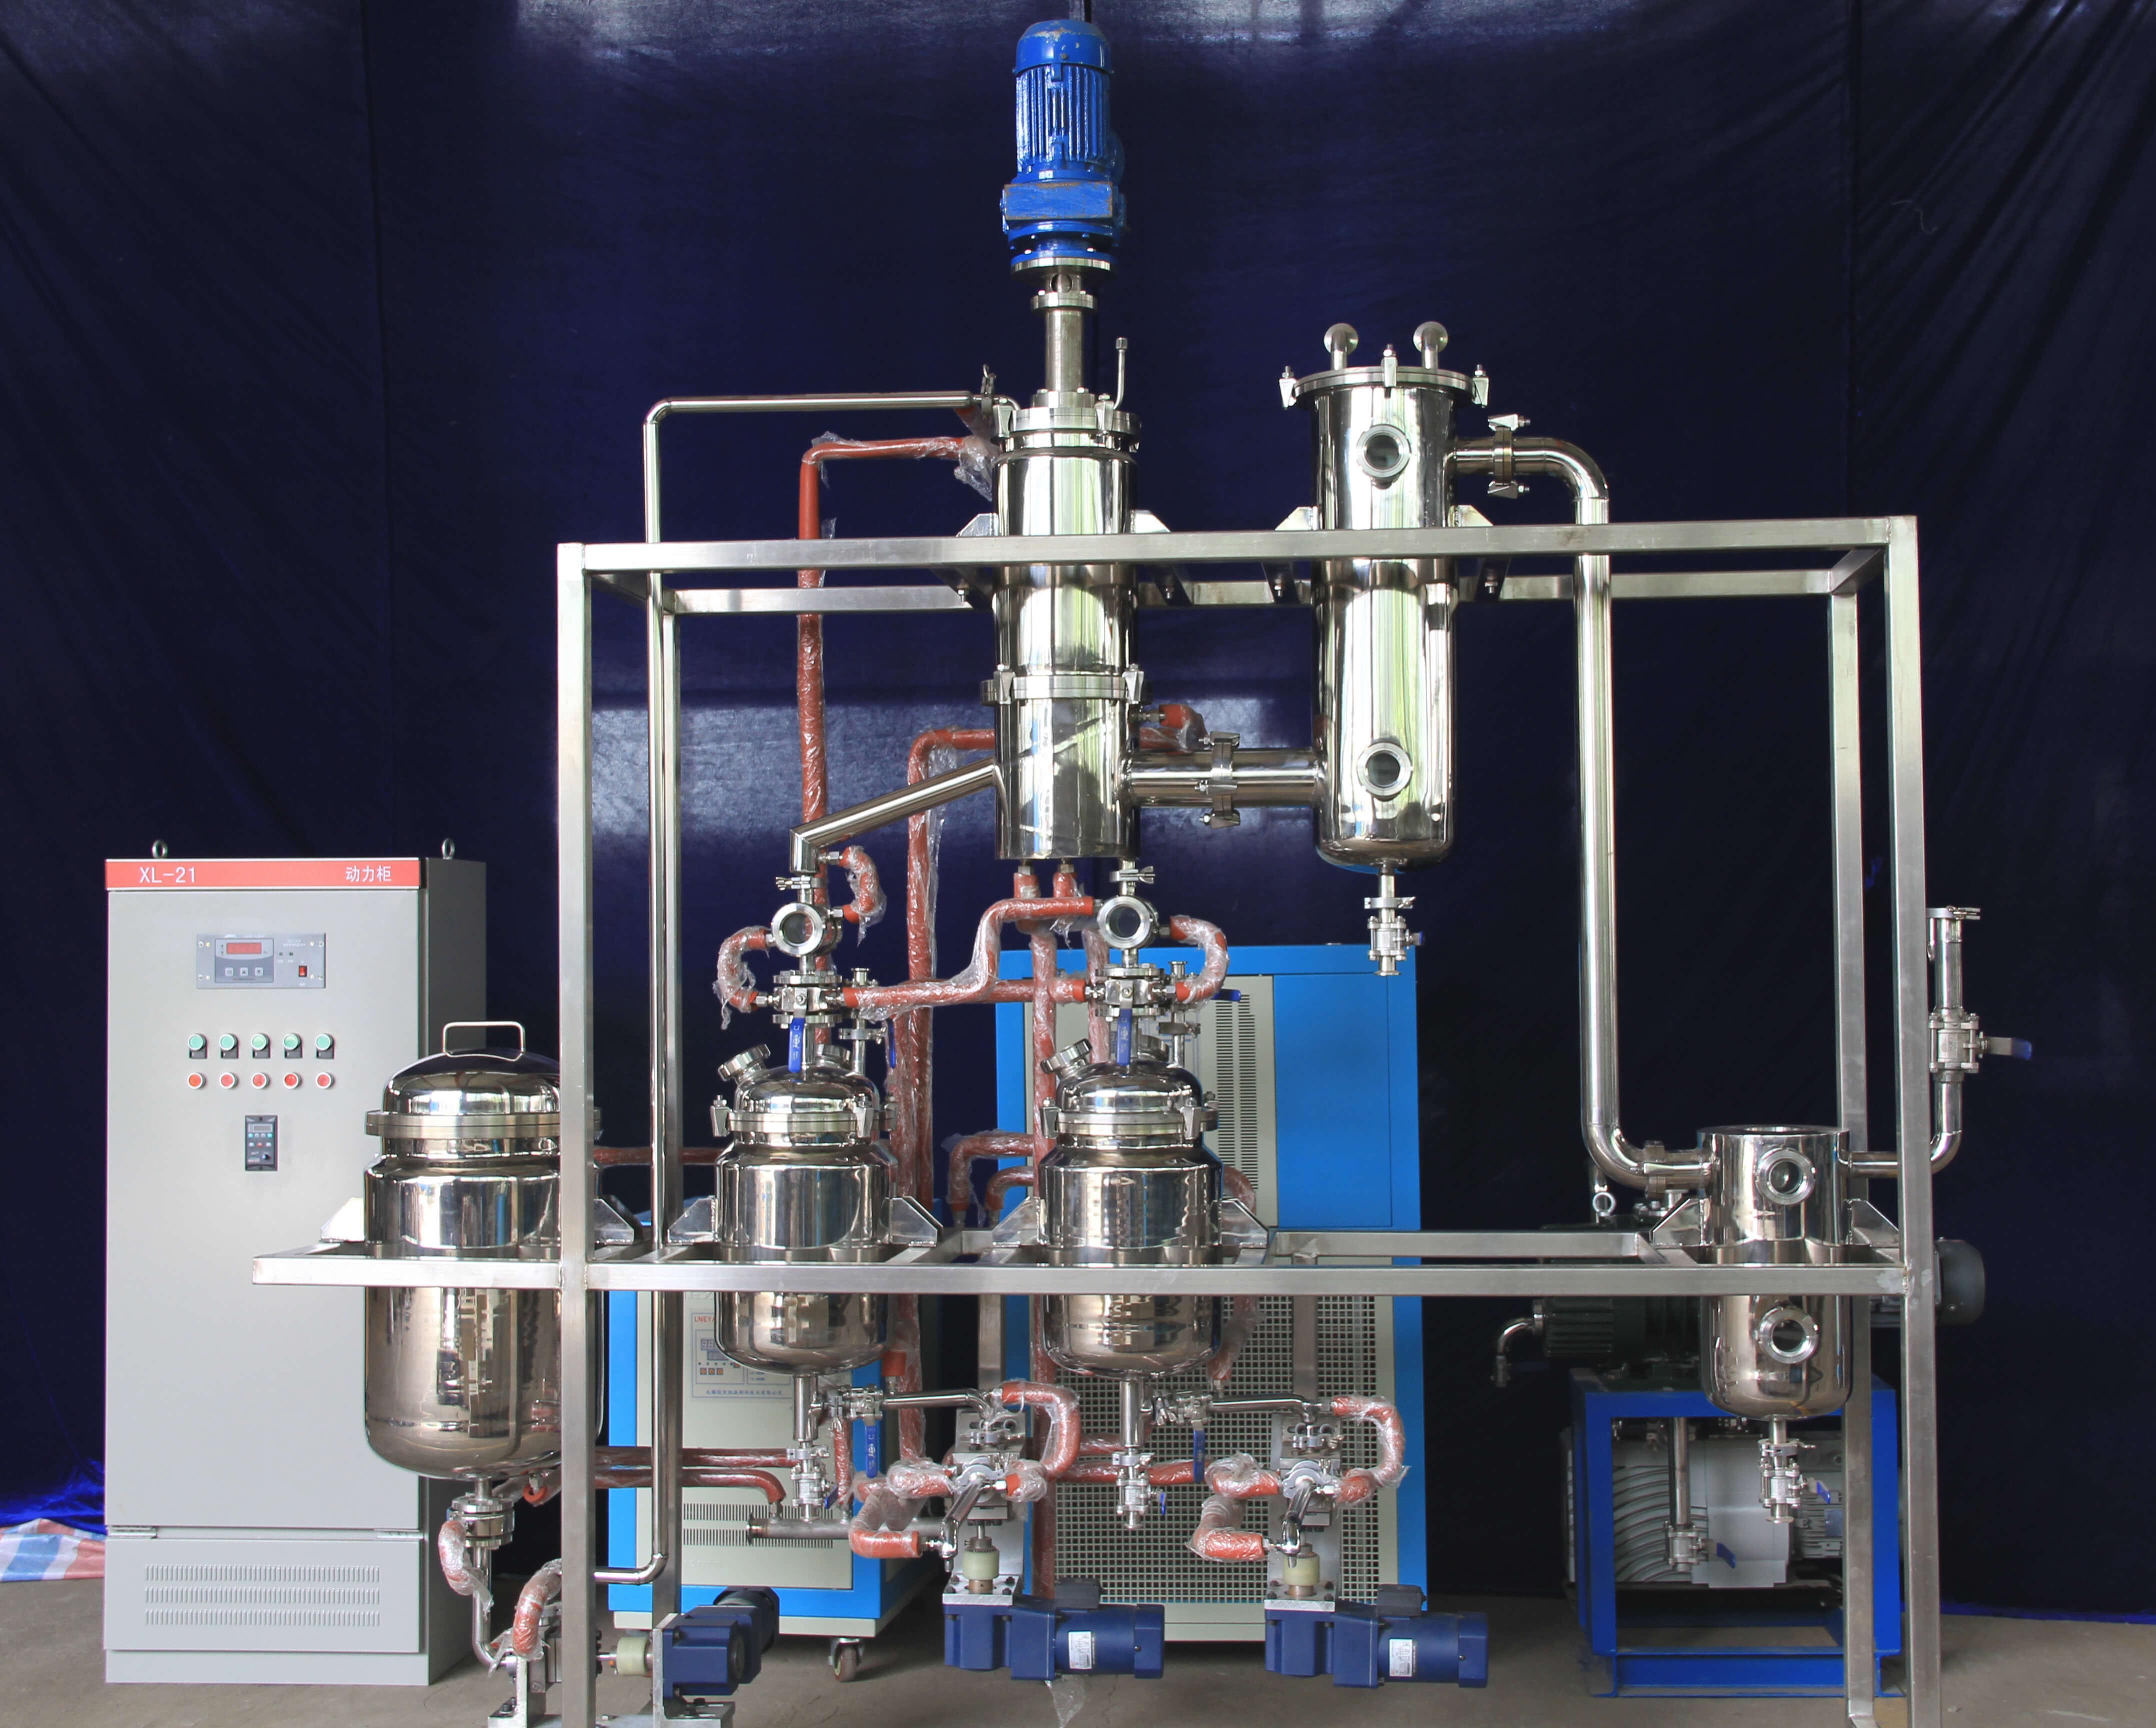 molecular distiller for essencial oil distillation